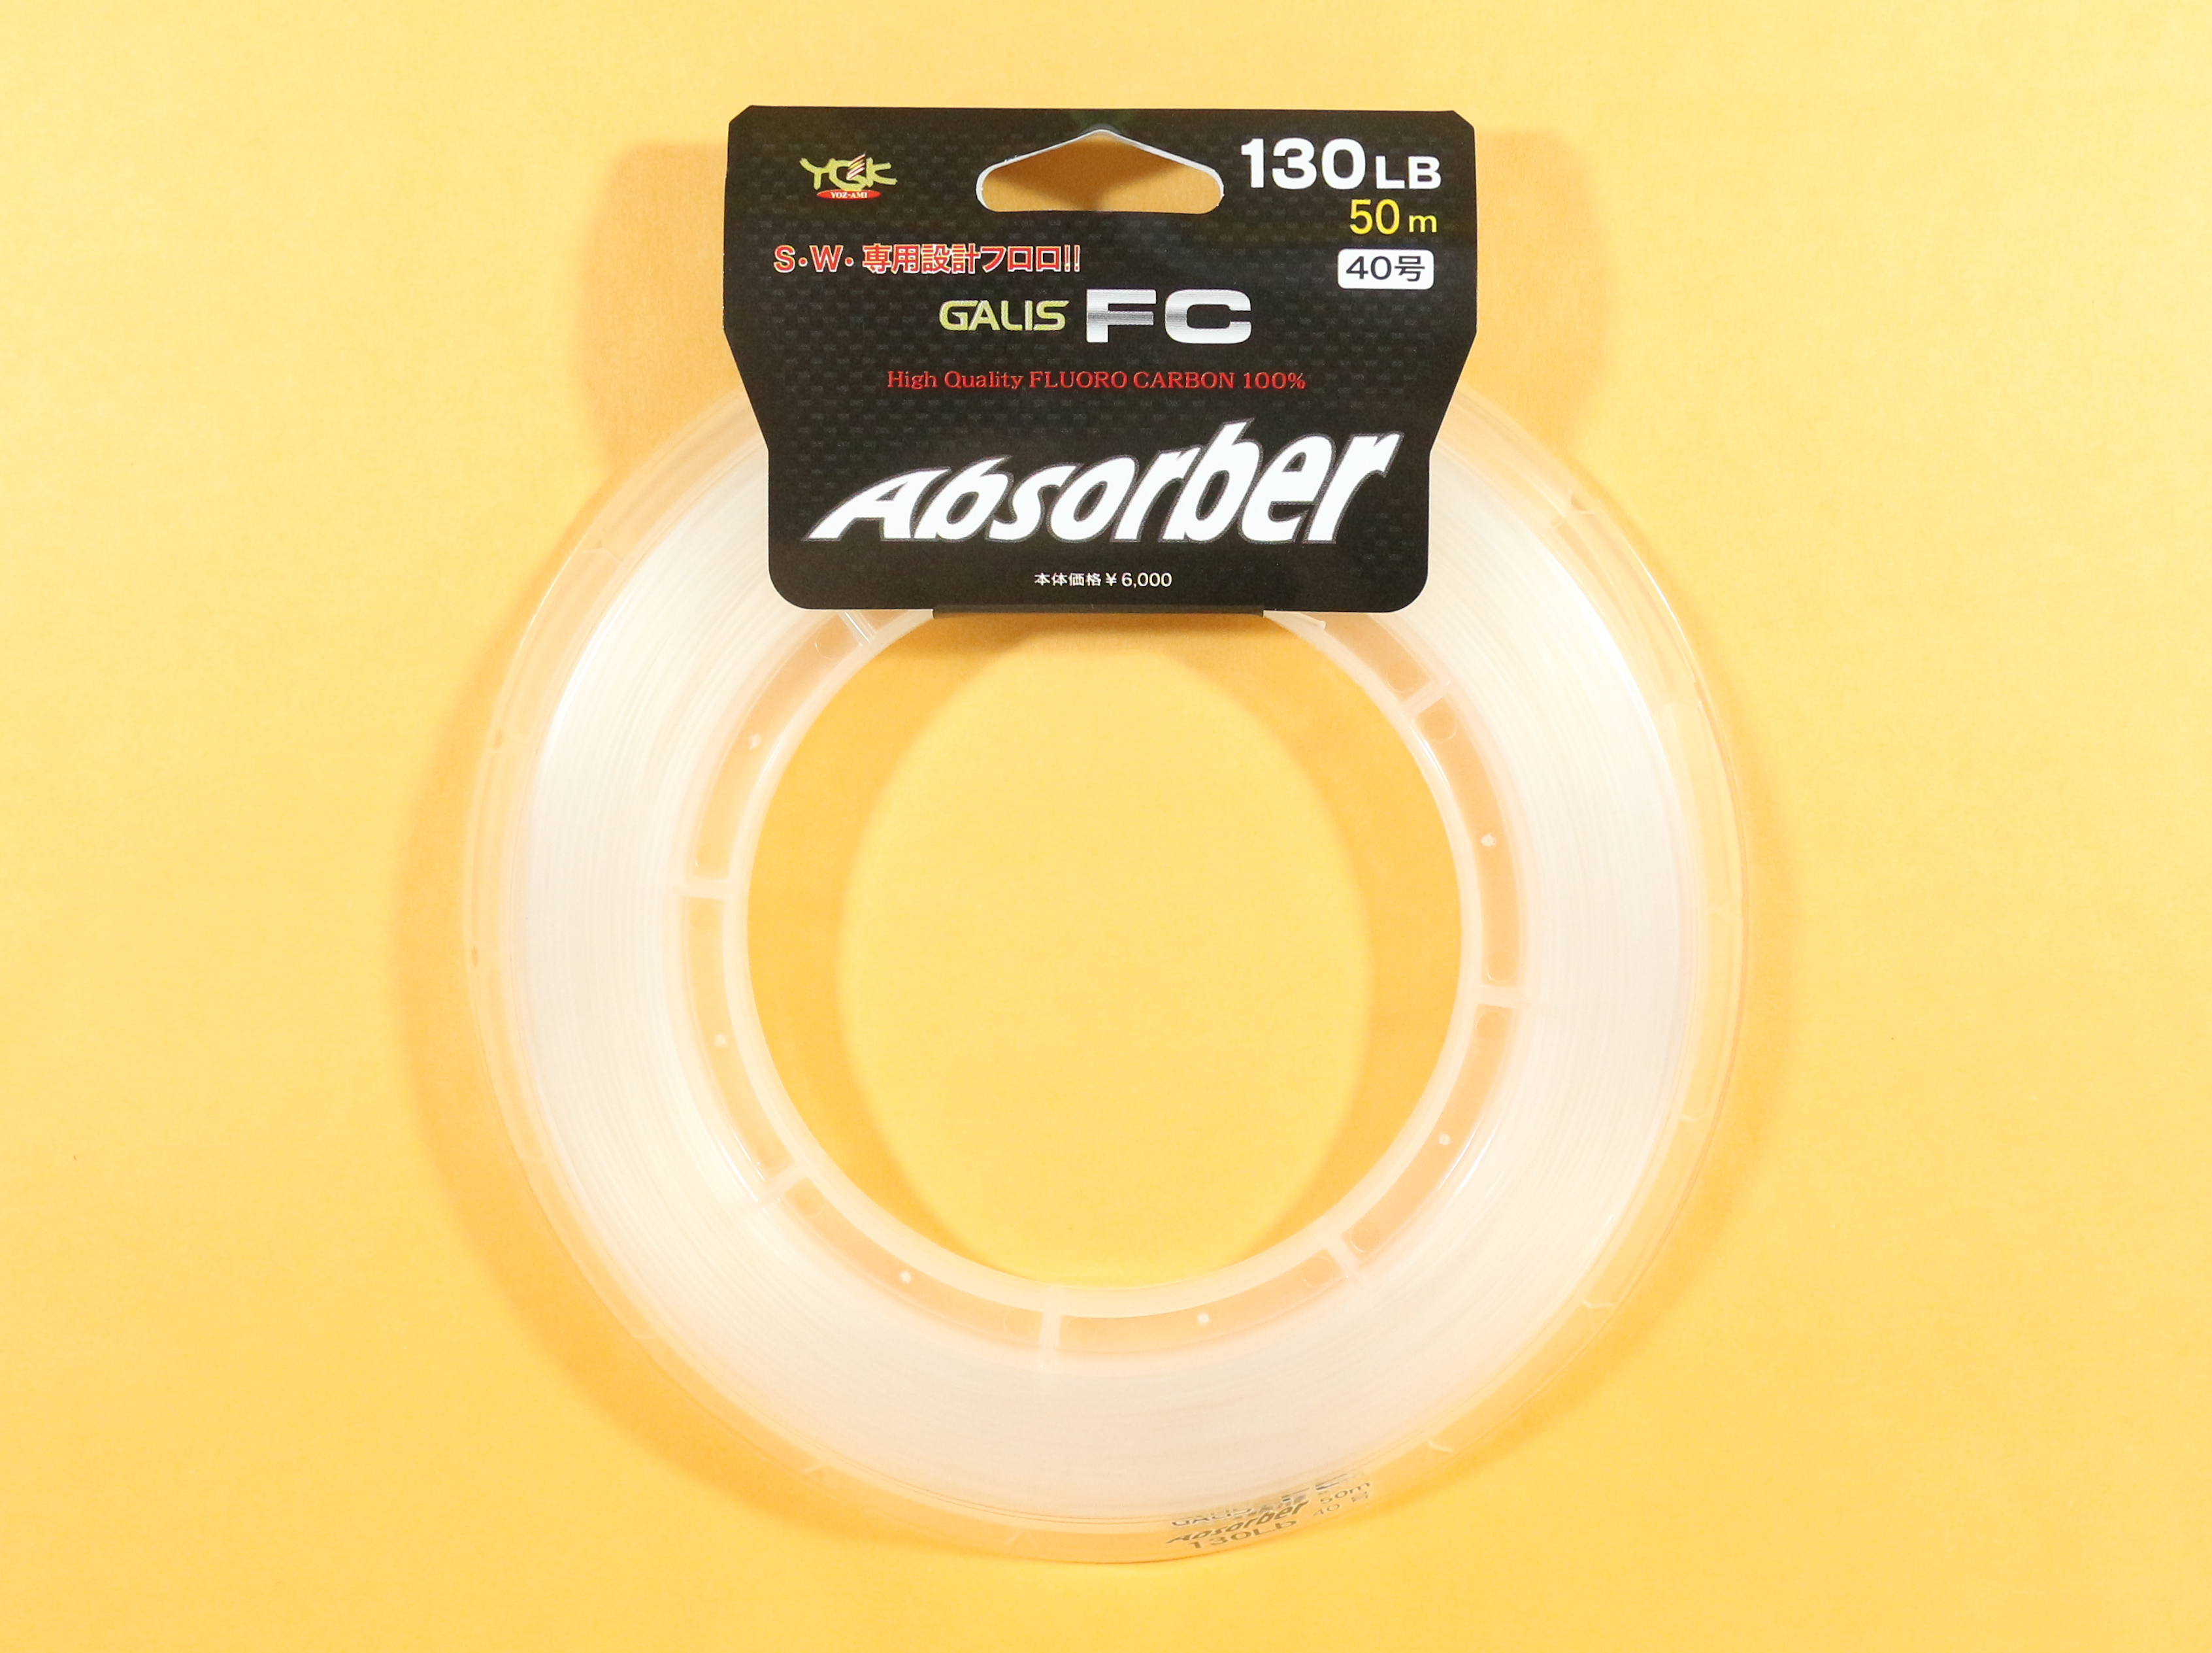 YGK Absorber Fluorocarbon Leader Line 50m 130lb (0201)